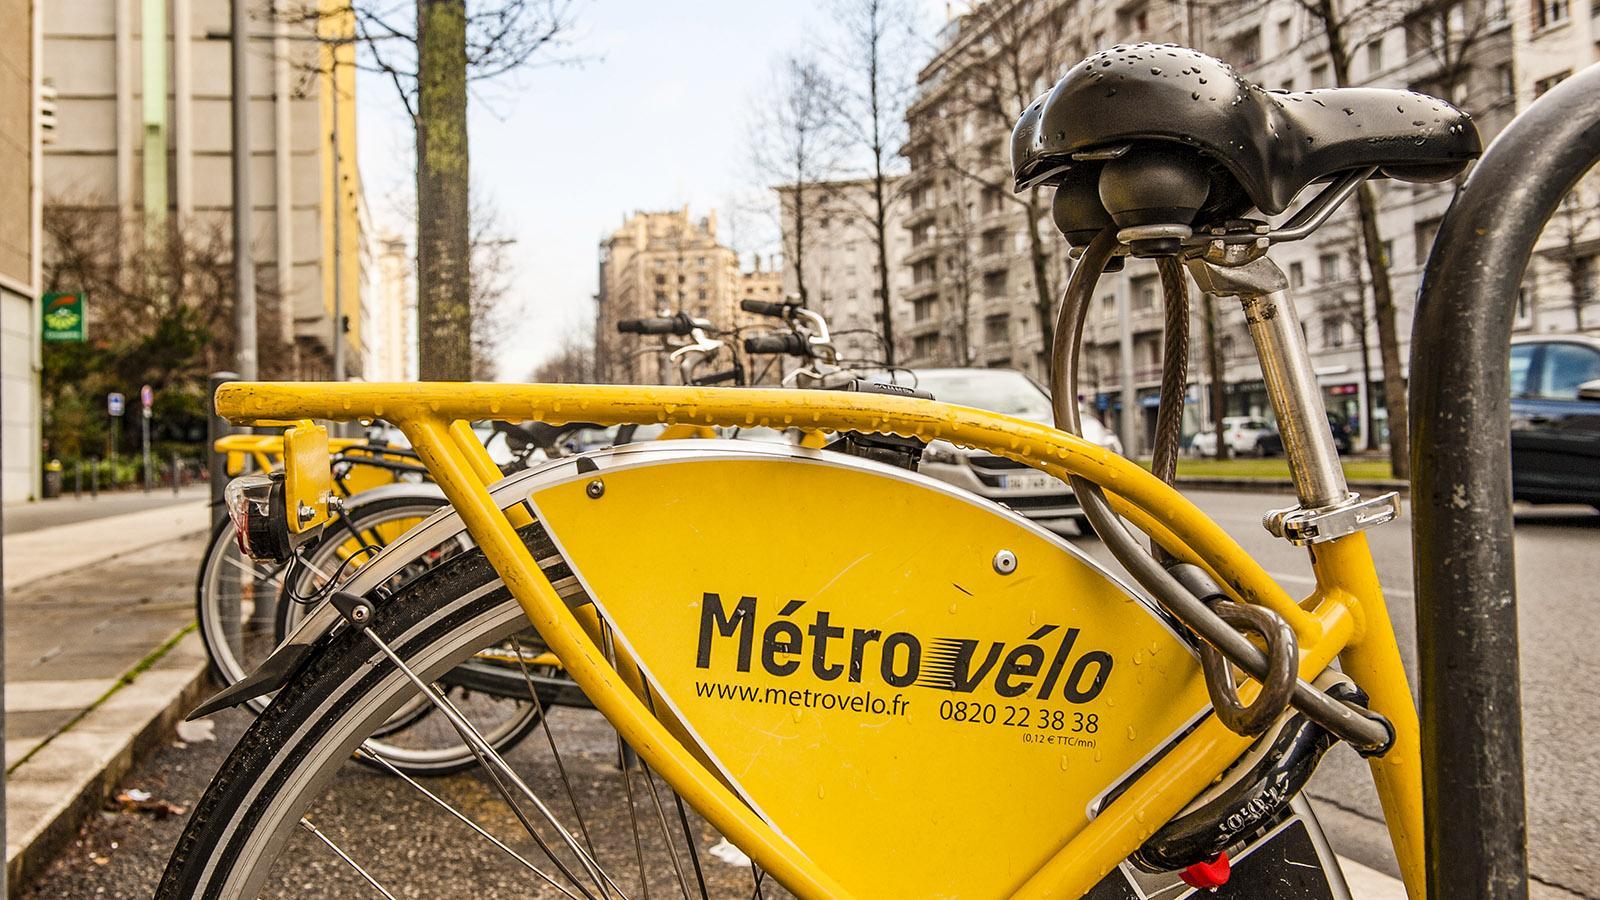 MétroVelo, das Stadtrad-System von Grenoble. Foto: Hilke Maunder